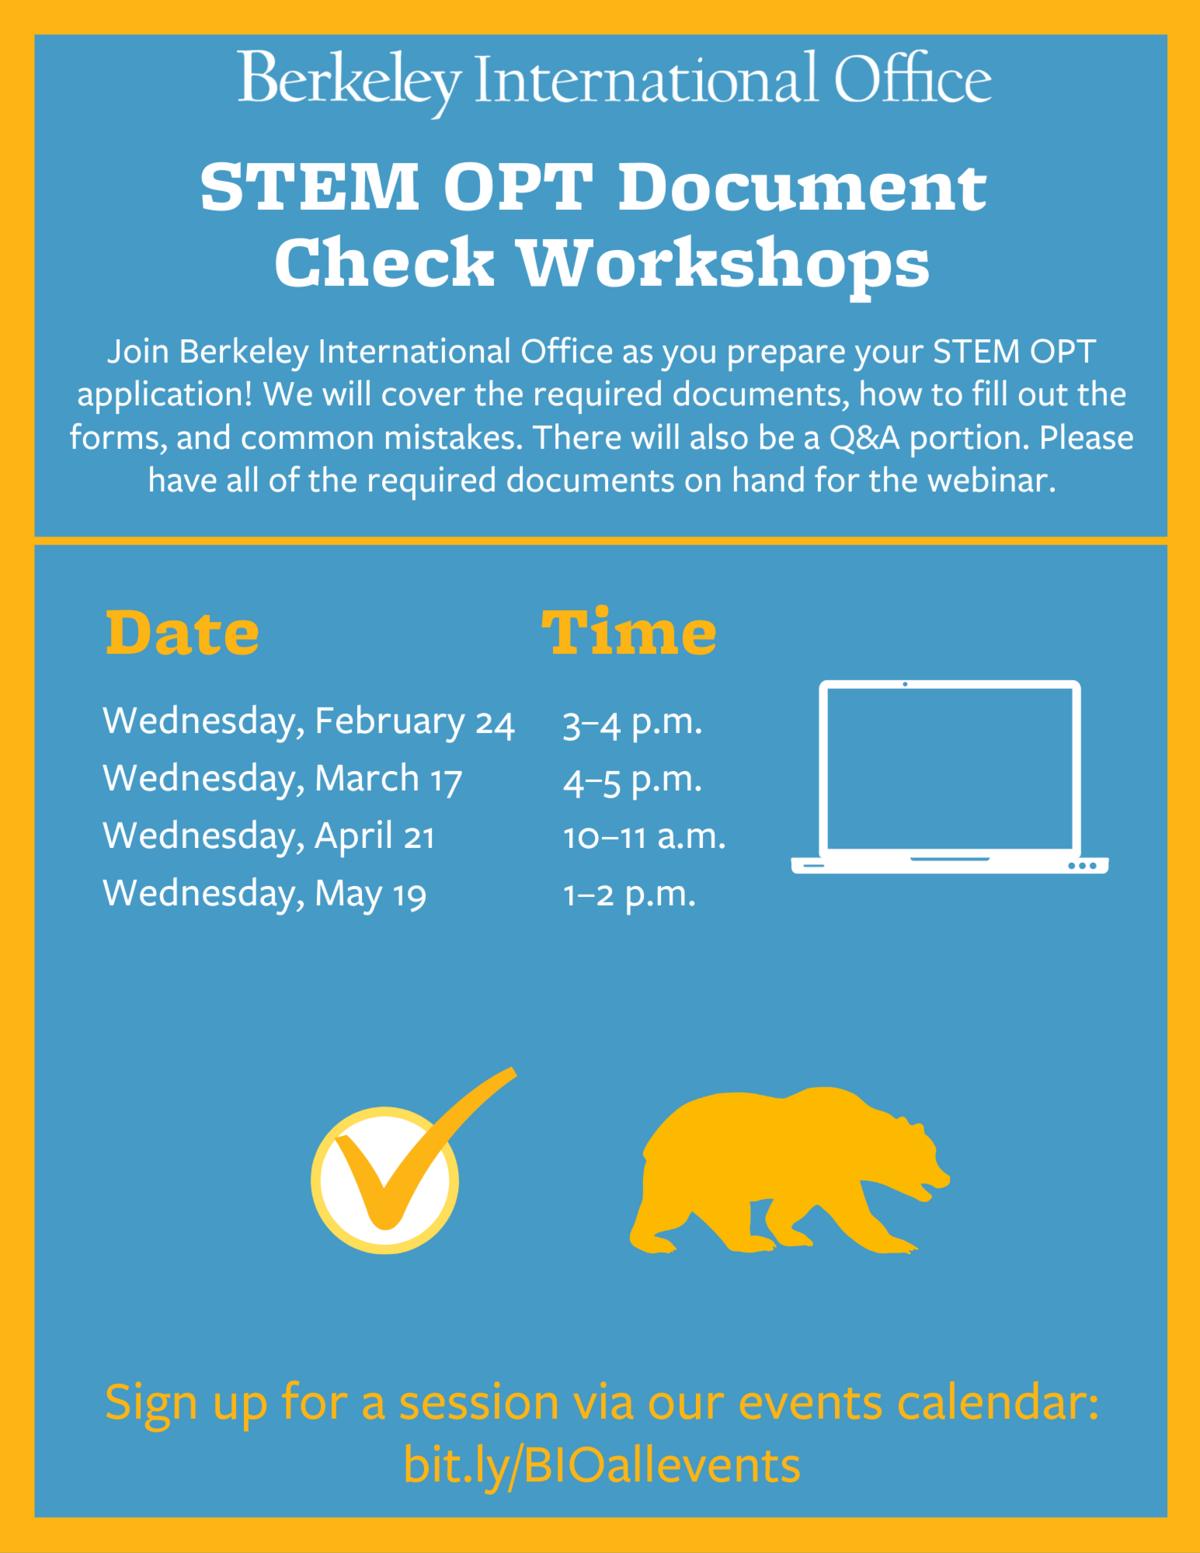 Spring 2021 STEM OPT Document Check Workshops